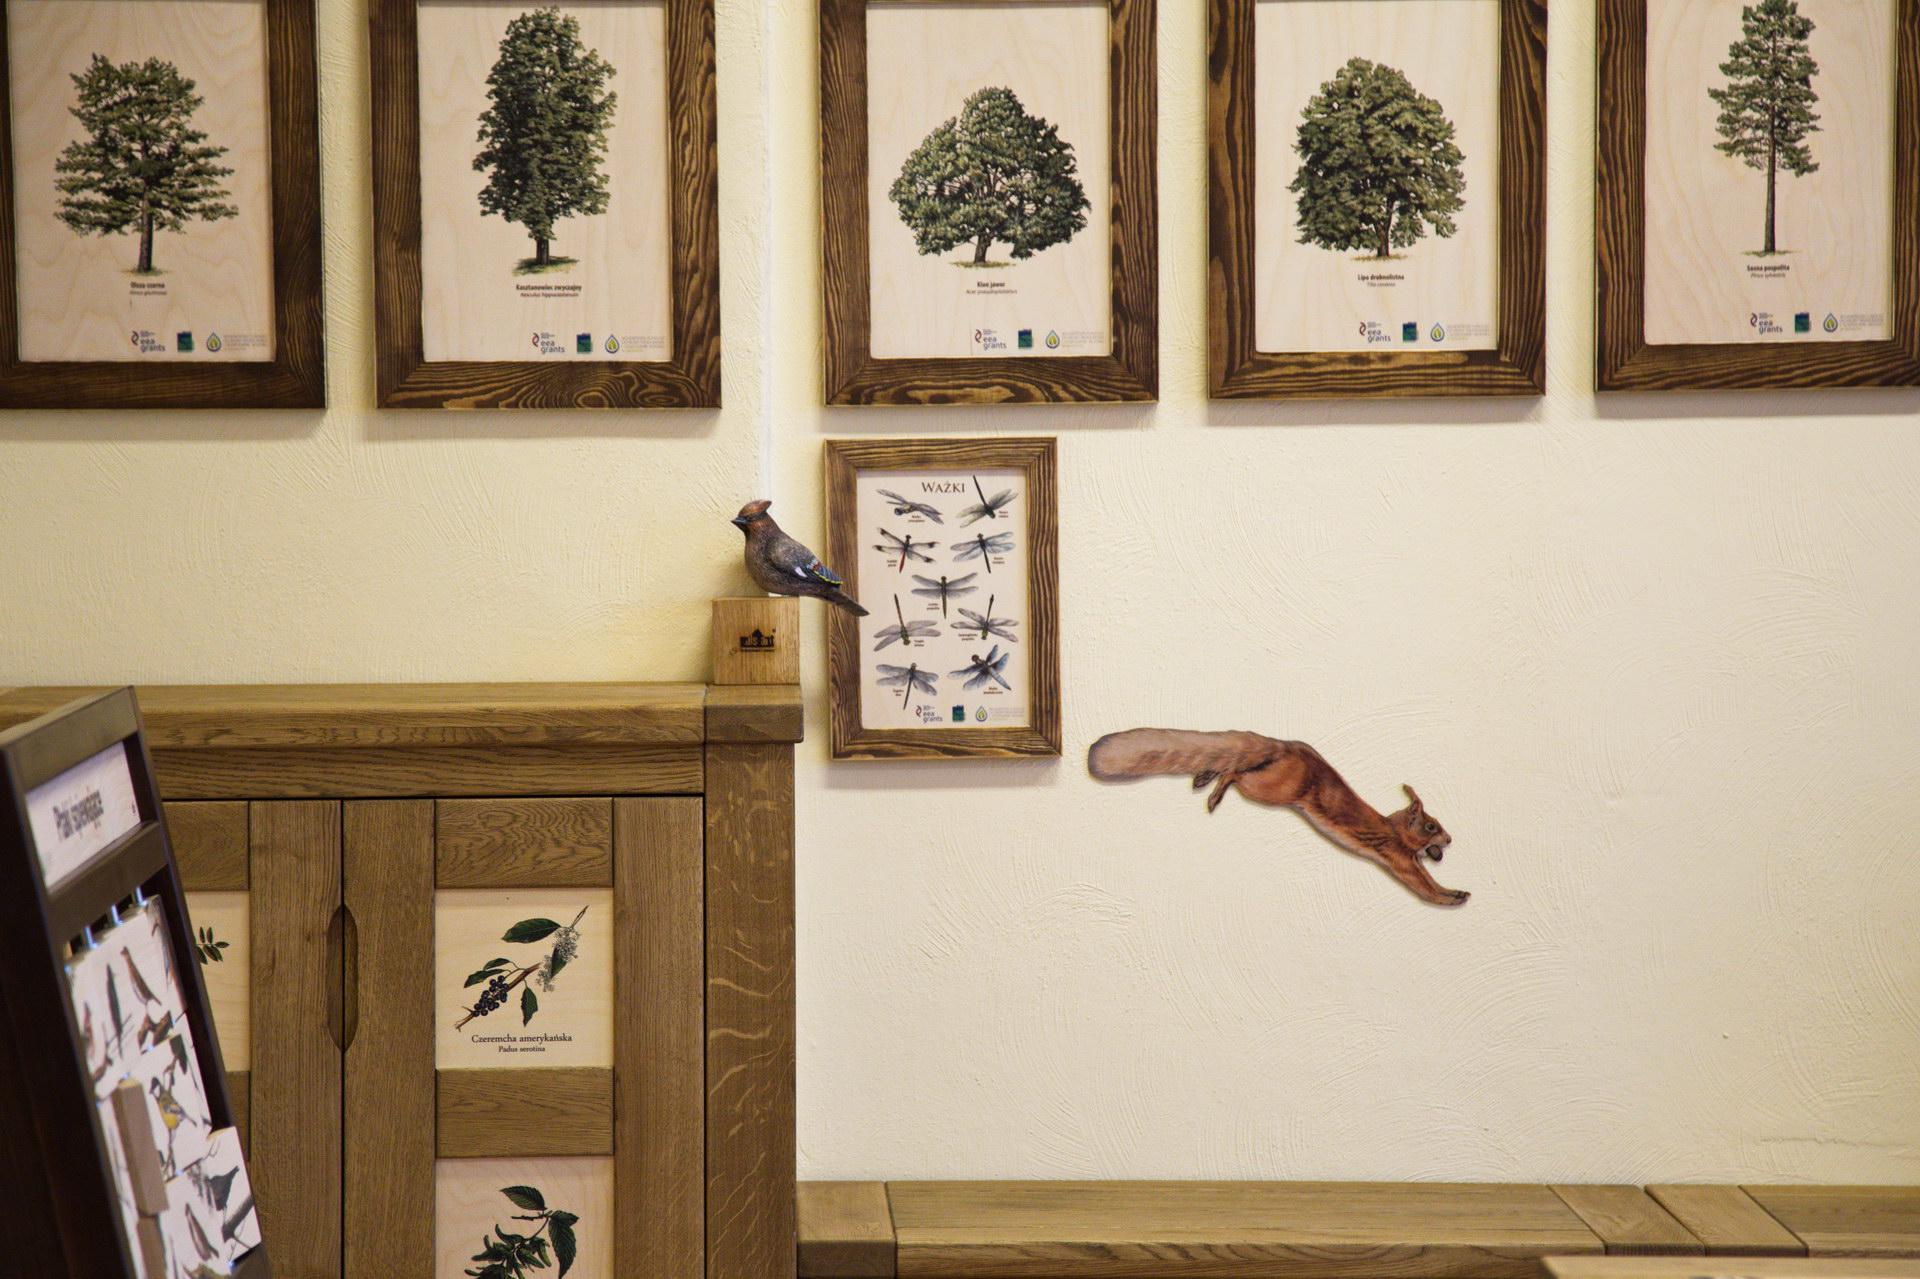 Izby edukacyjne lesne - sale przyrodnicze, wystroj wnetrz - PSP nr 1 w Polczynie Zdroju (5)